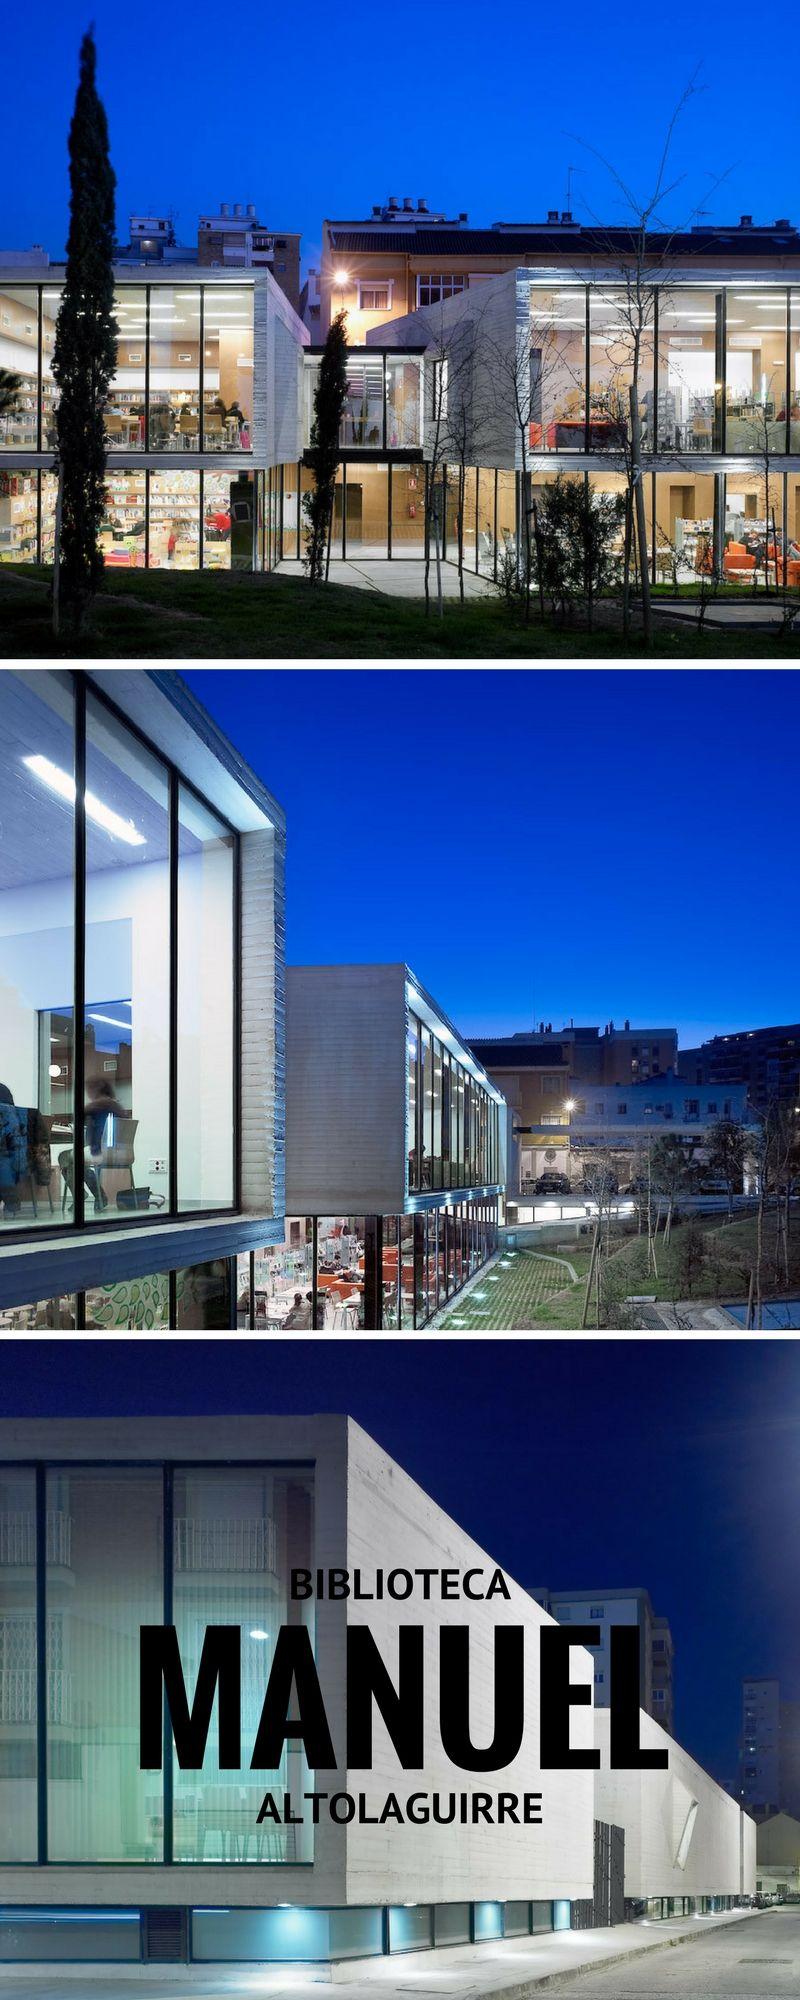 Un centro vivo de cultura en un barrio inesperado. Descubre la biblioteca Manuel Altolaguirre en C/ Calatrava 6 de Málaga.